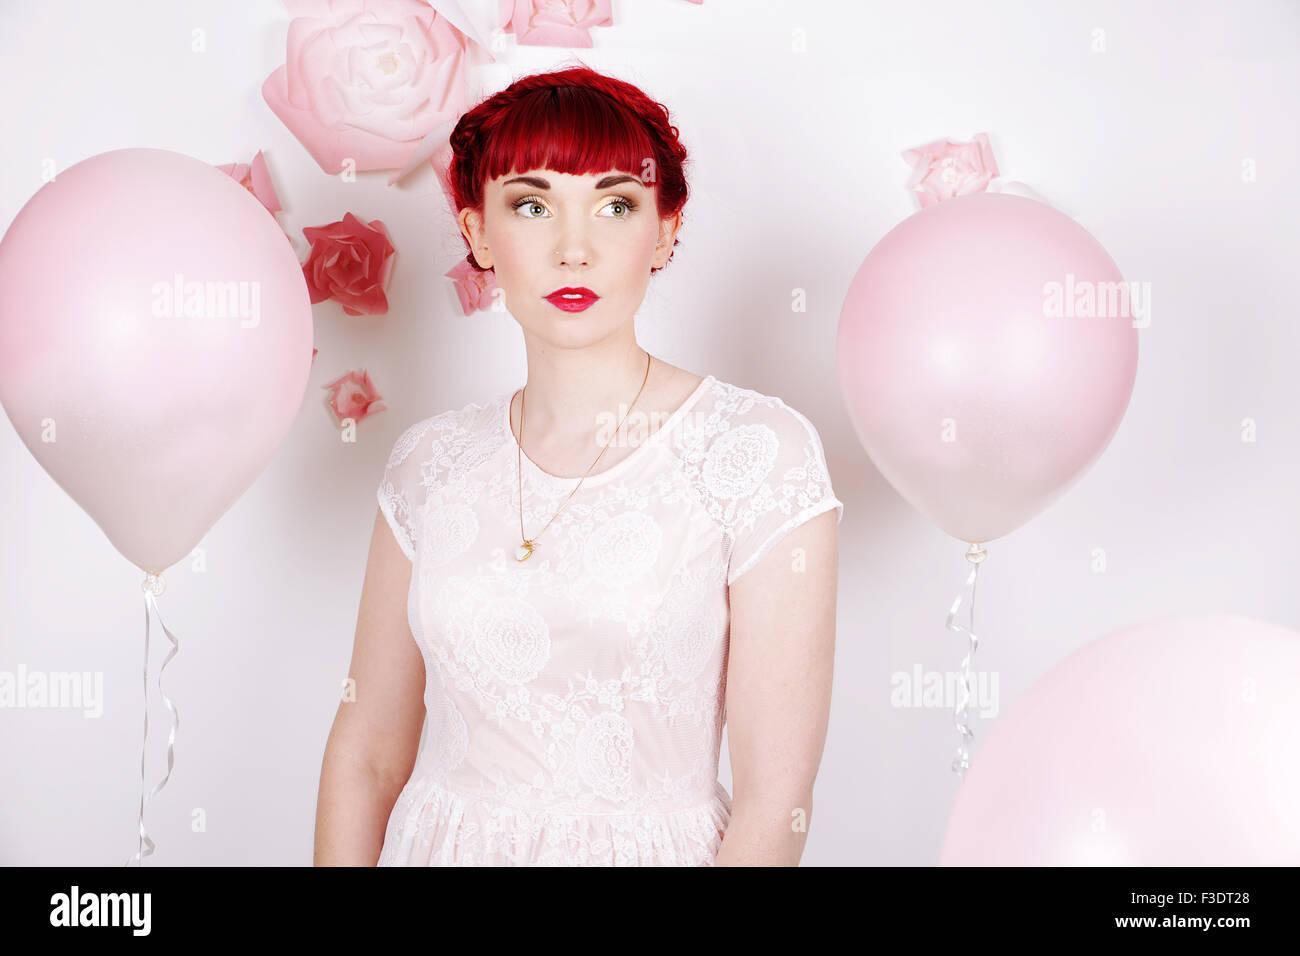 Splendidamente romantico dai capelli rossi ragazza in un contemporaneo studio impostazione Immagini Stock